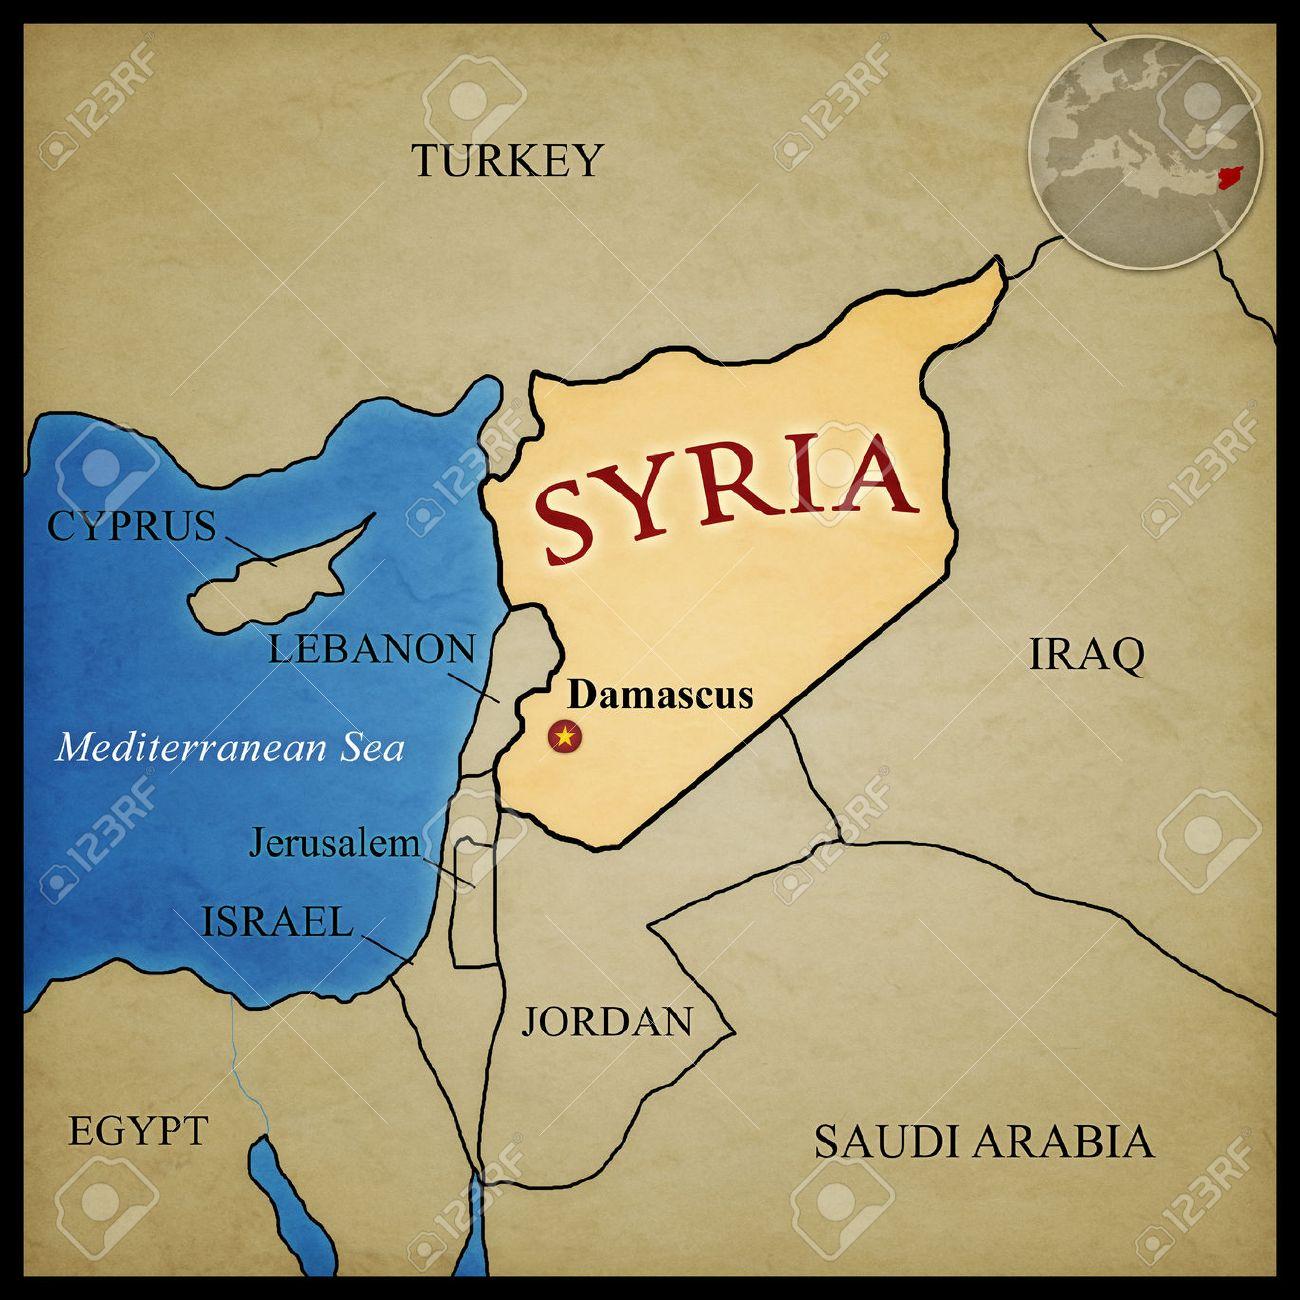 Siria Mapa Y Los Países Limítrofes Con La Capital Damasco Marcado